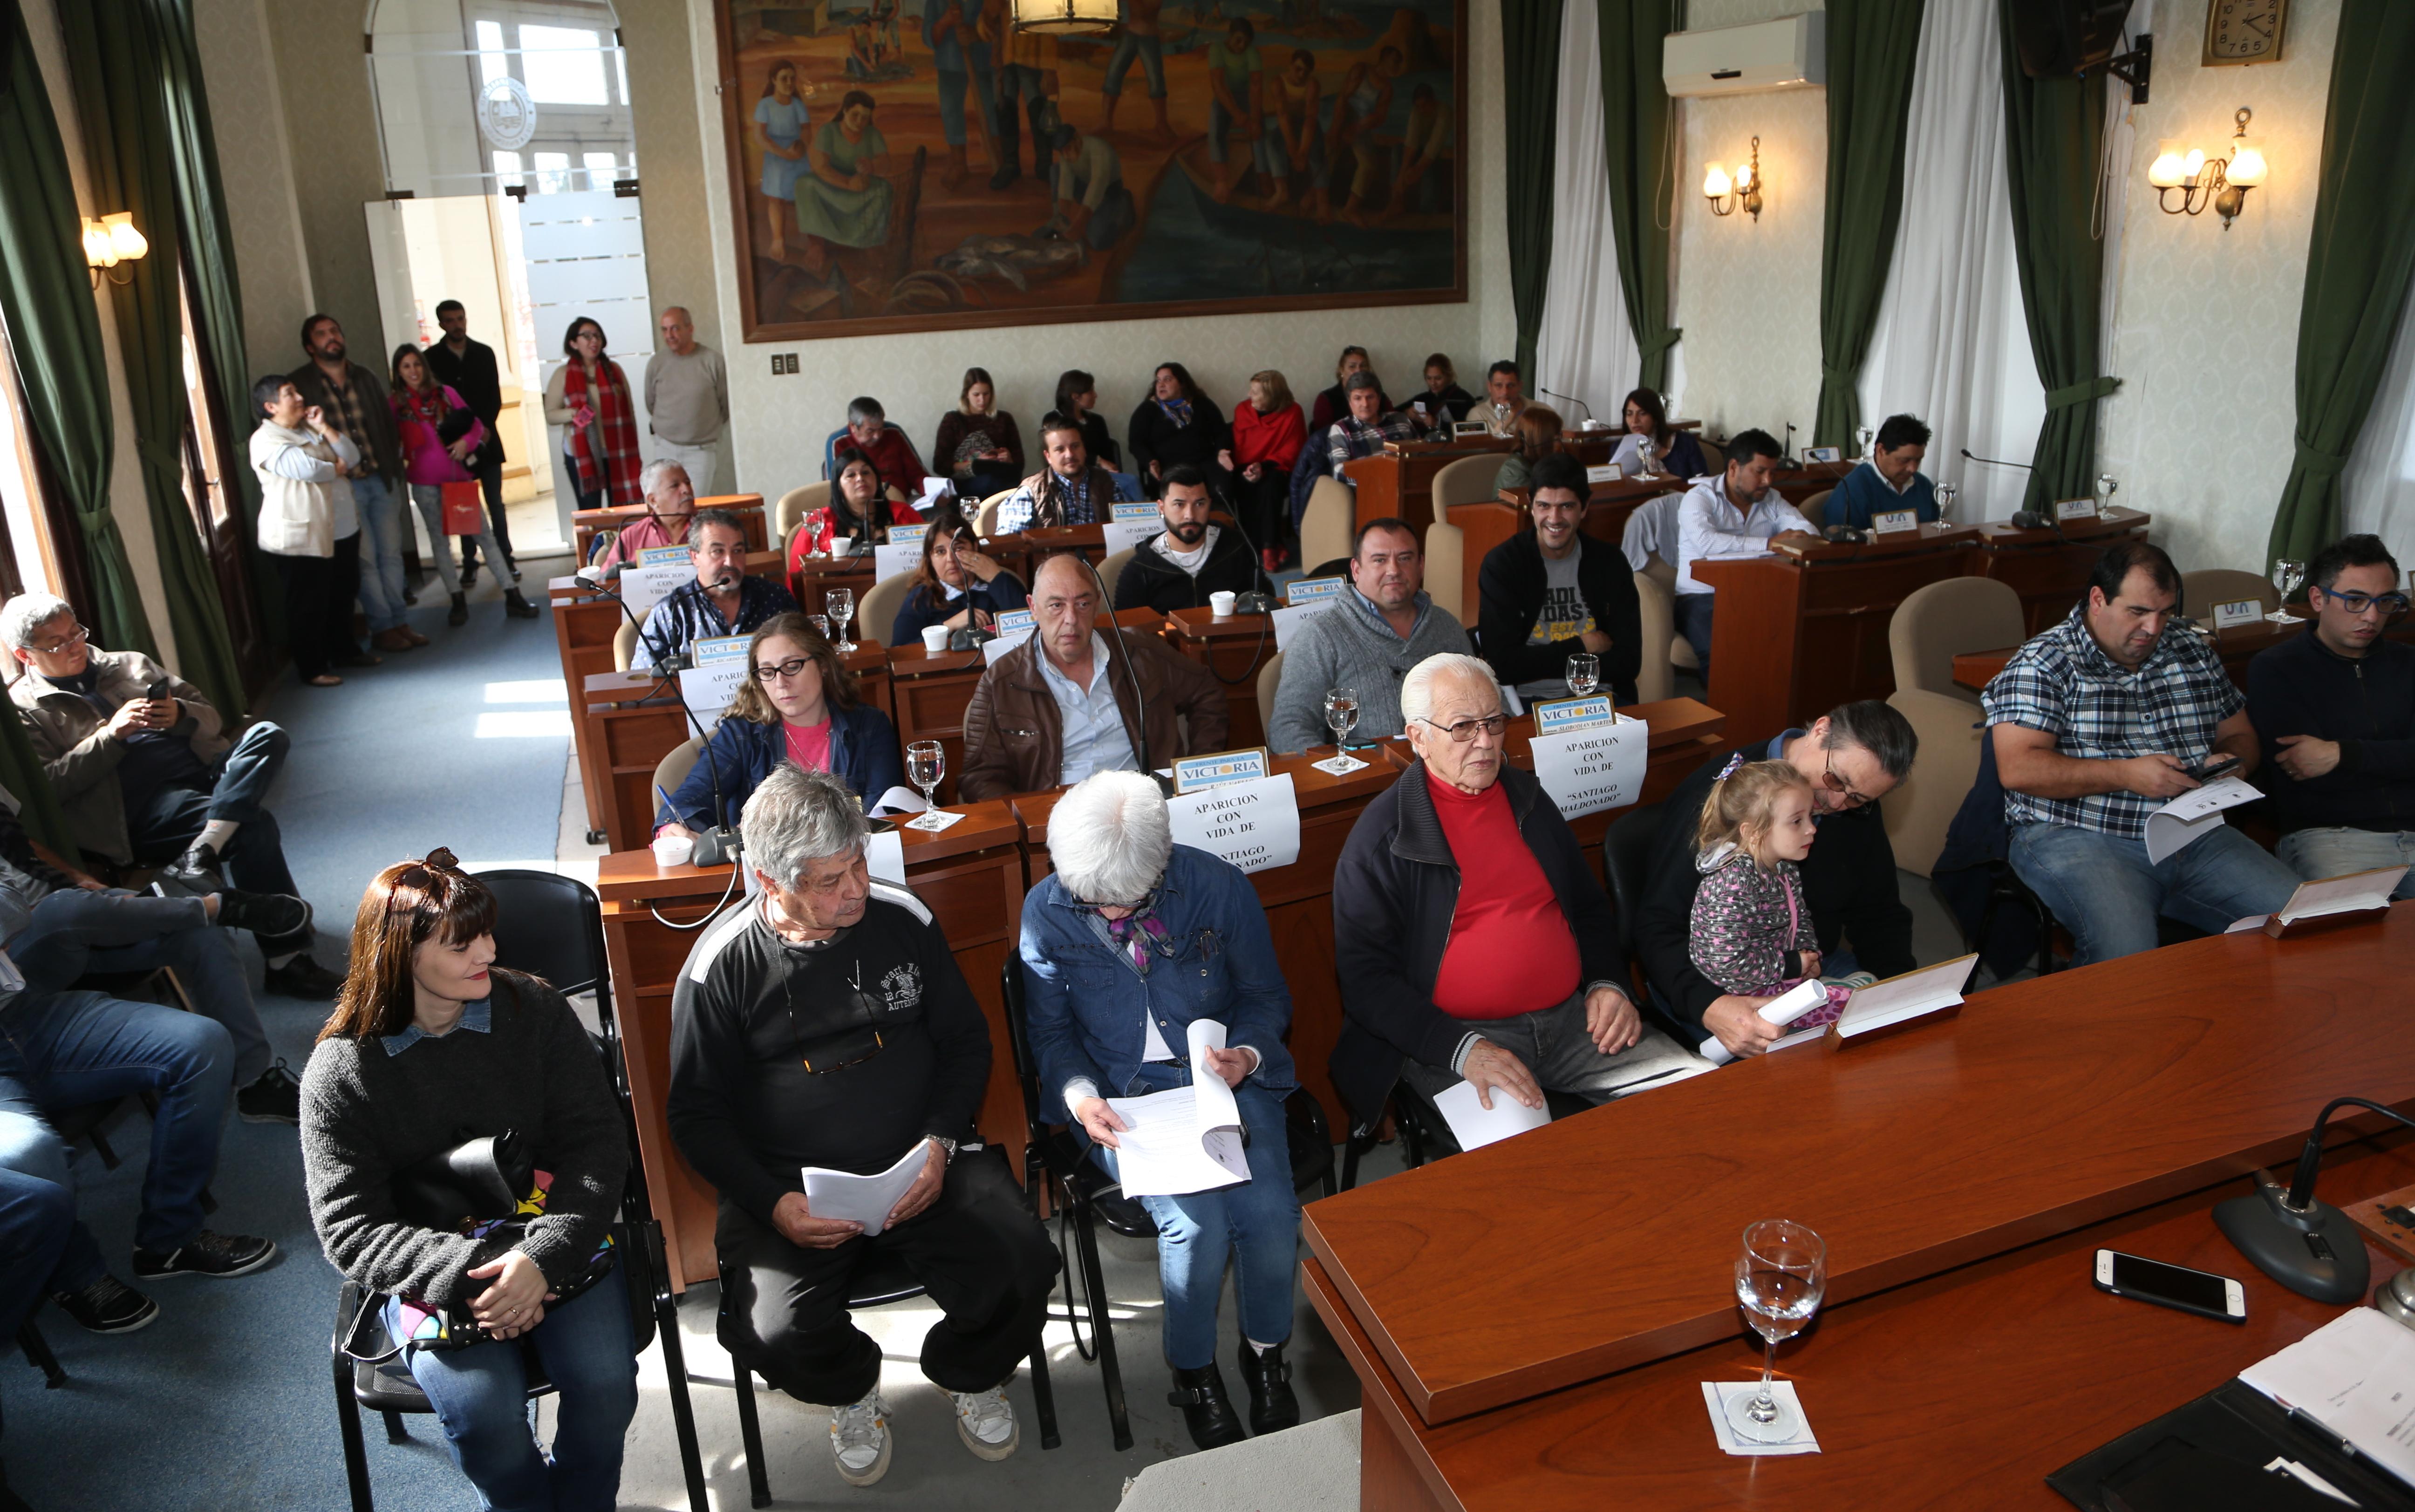 Por unanimidad, el Concejo Deliberante aprobó las tasas municipales para el Cementerio. De esta manera avanzan los pasos para la puesta en marcha de la obra tan esperada por los ensenadenses.